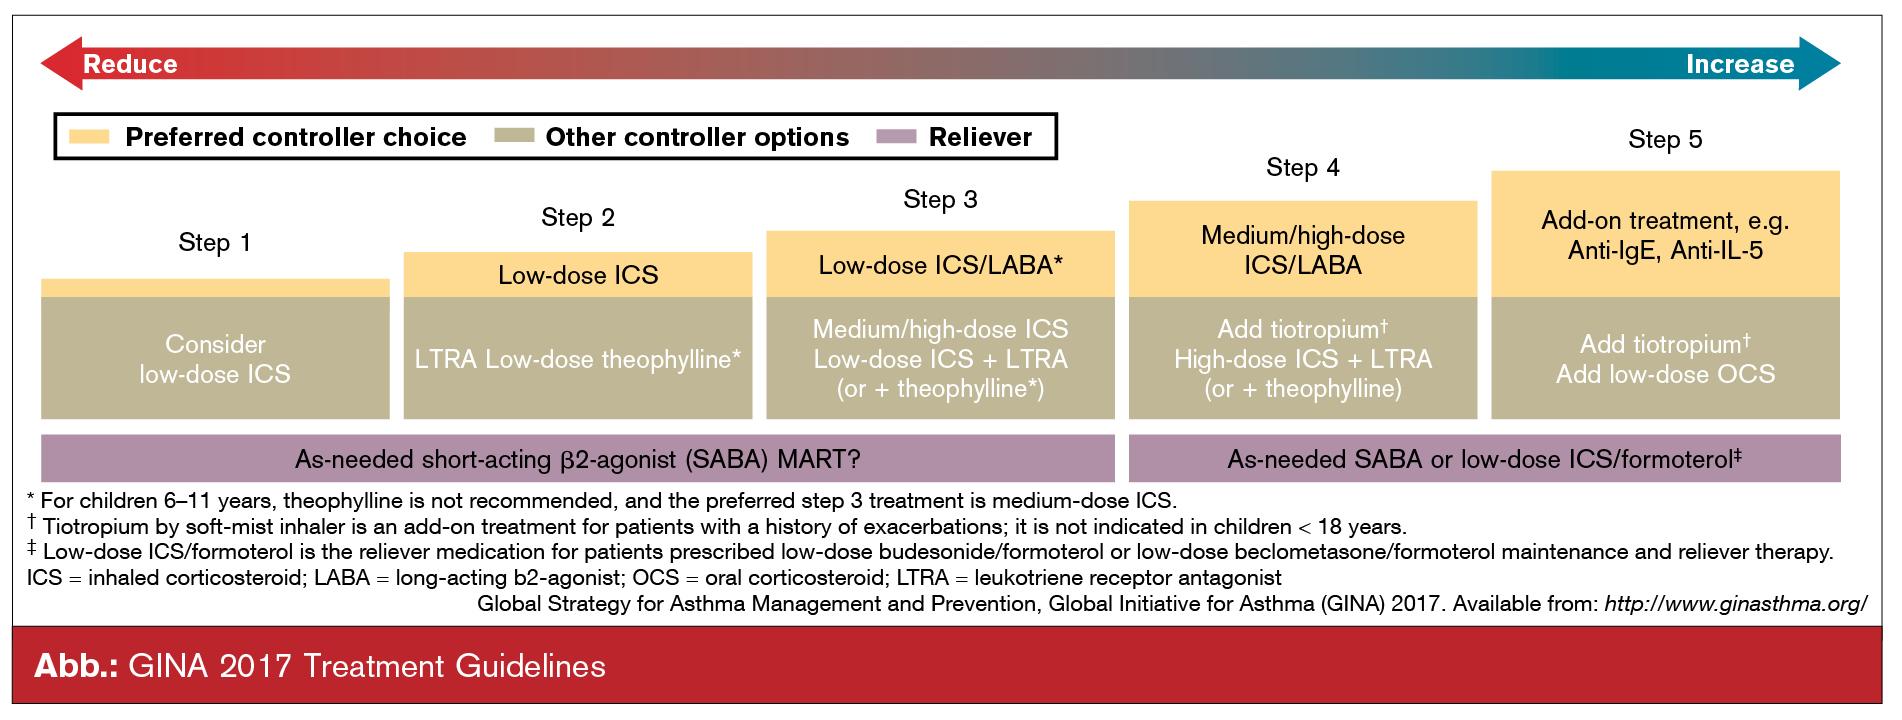 schweres asthma antikoerperb ehandlung